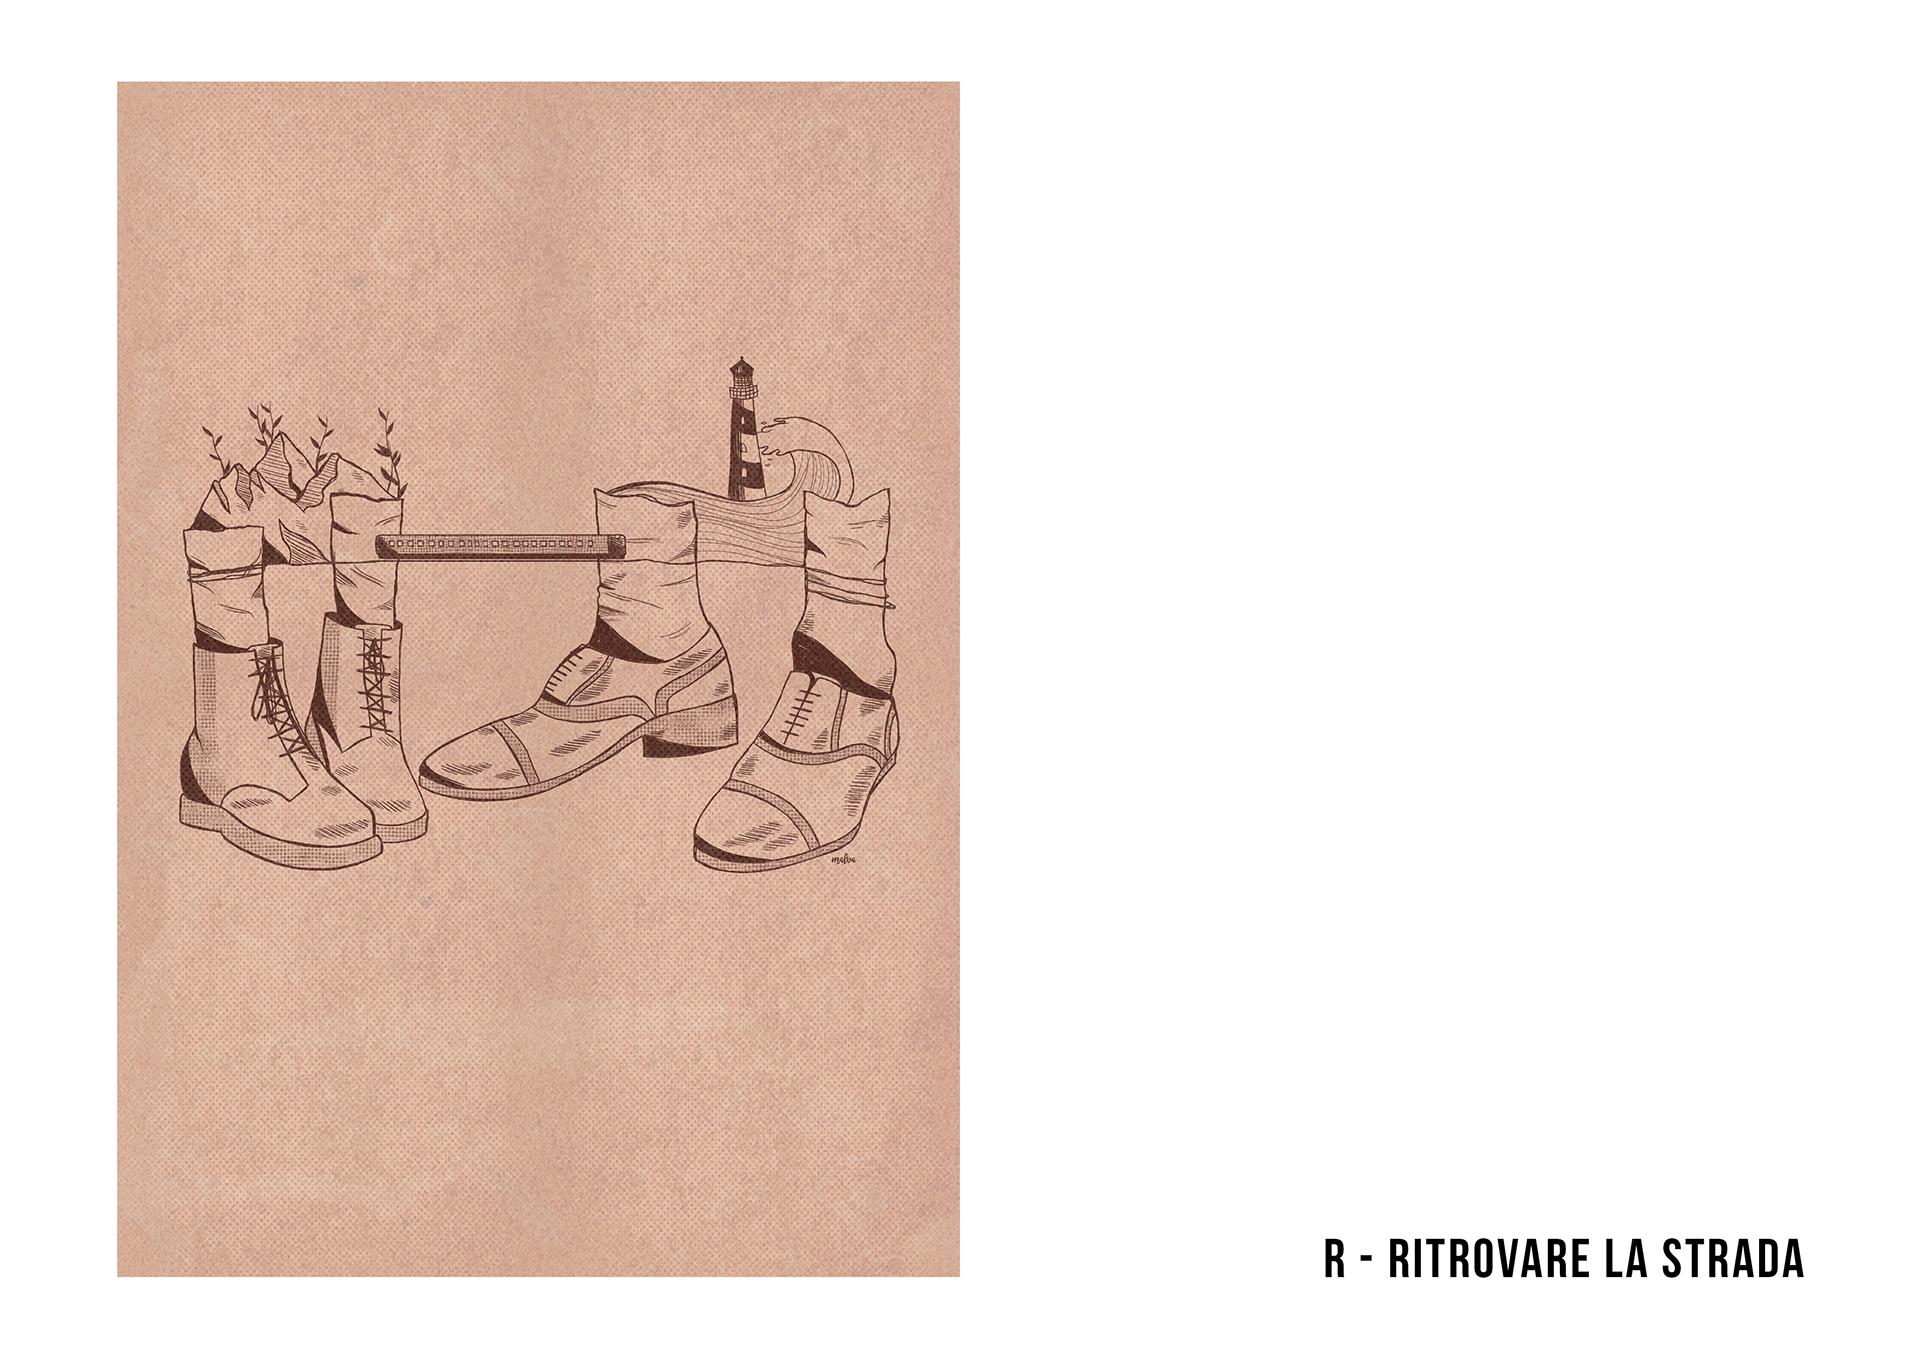 abbecedario illustrato viaggi solitaria francone 16